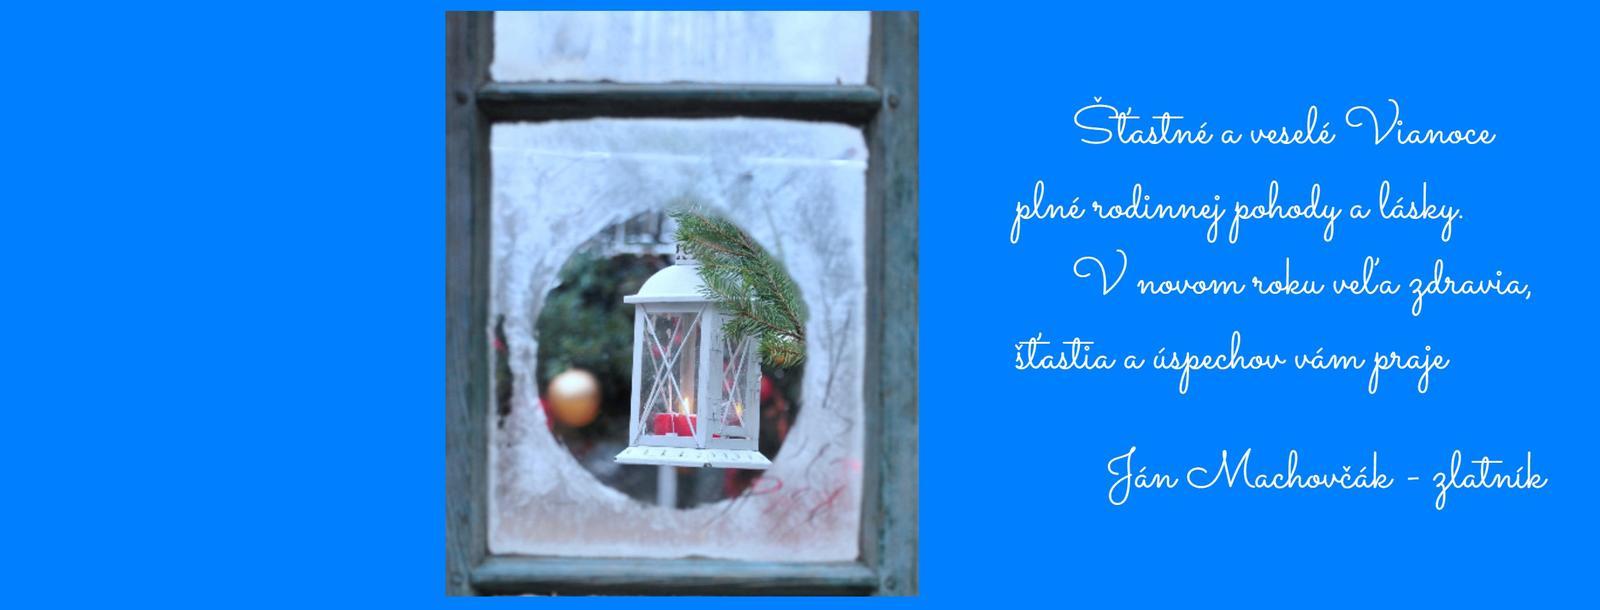 Vianočný pozdrav - Obrázok č. 1